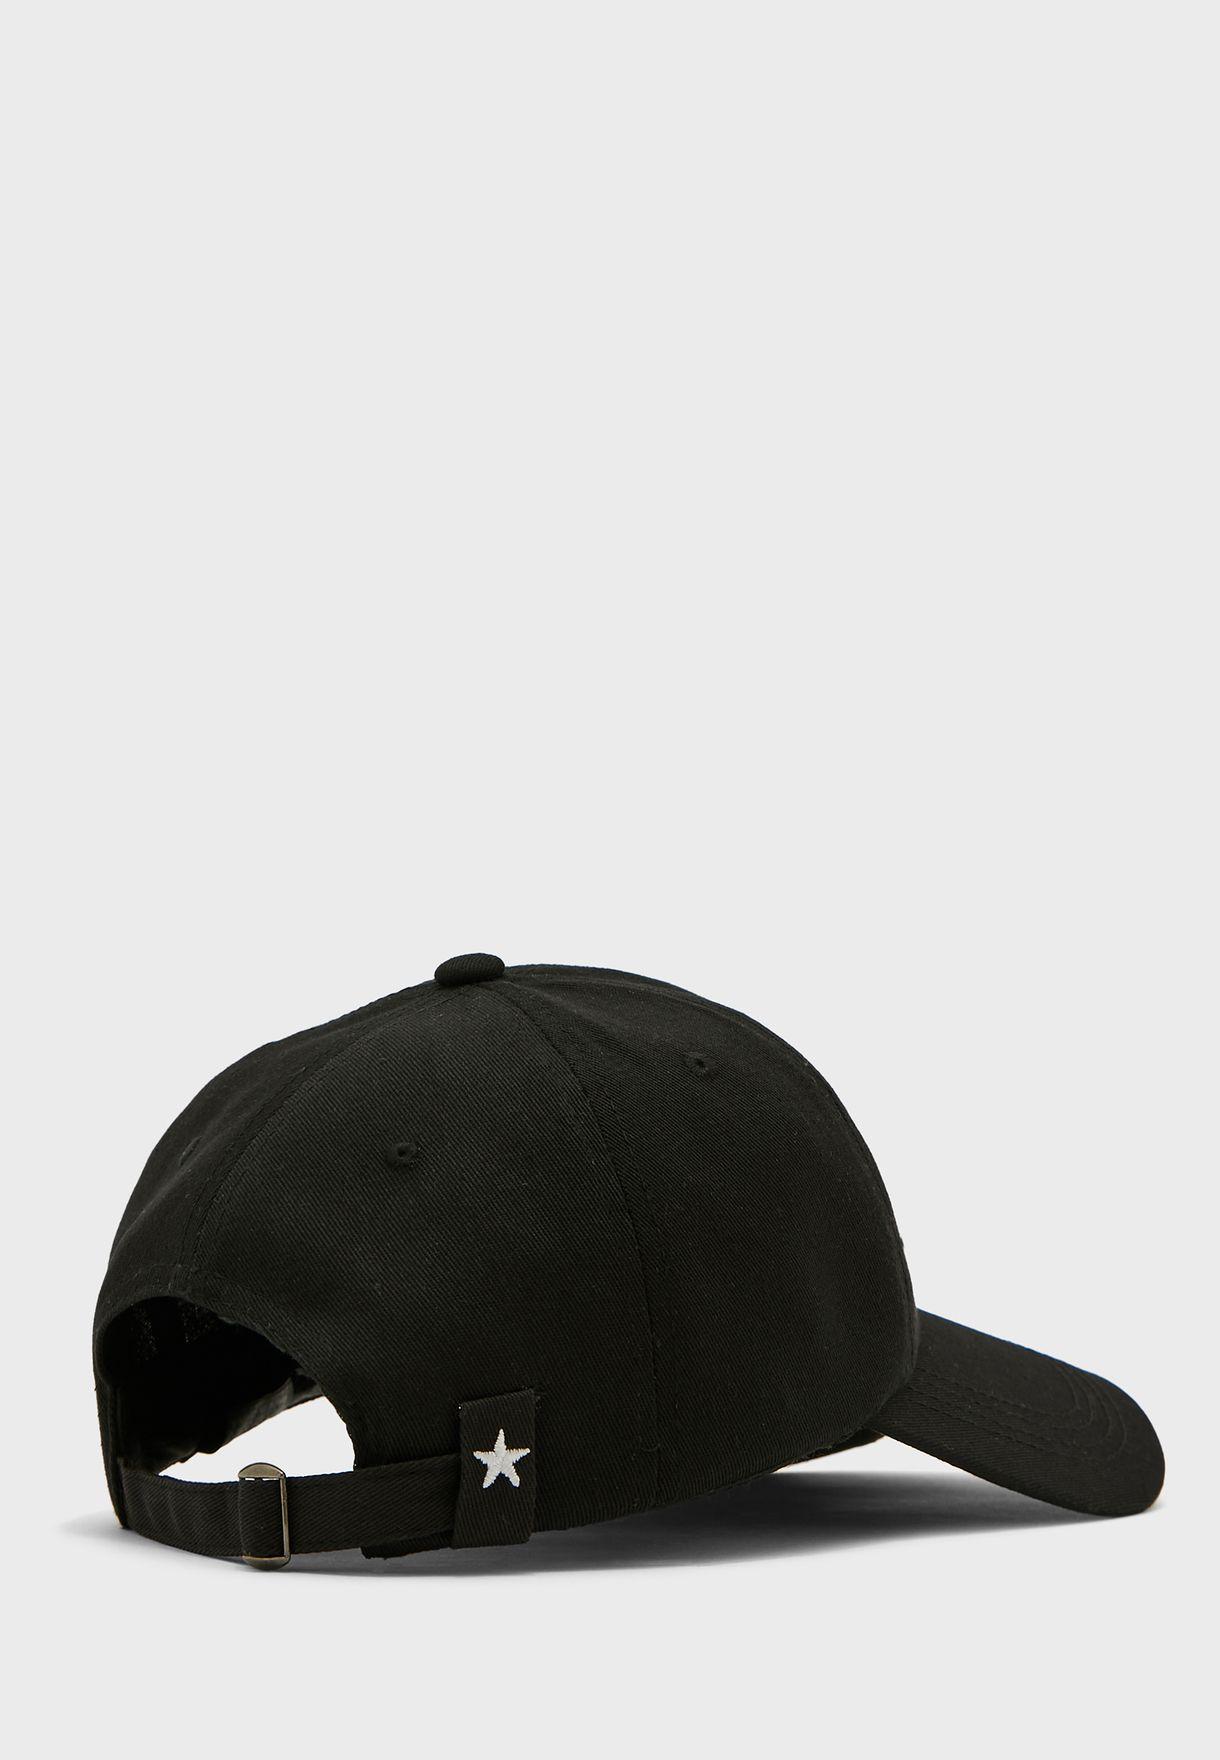 Men's Curve Peak Cap